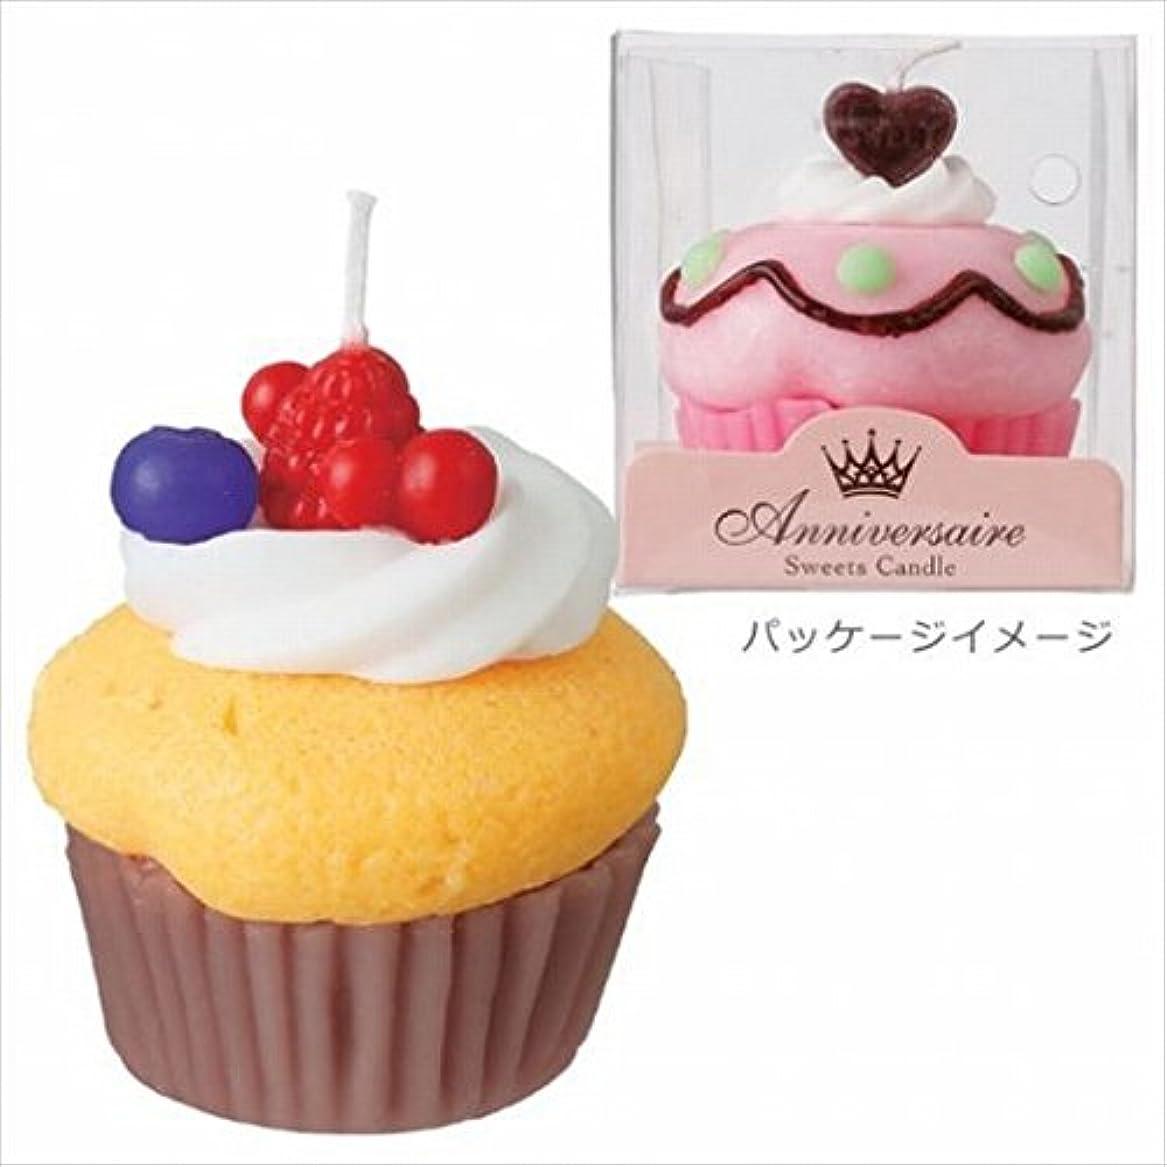 性的アンテナ符号カメヤマキャンドル( kameyama candle ) カップケーキキャンドル 「 マンゴーカップケーキ 」